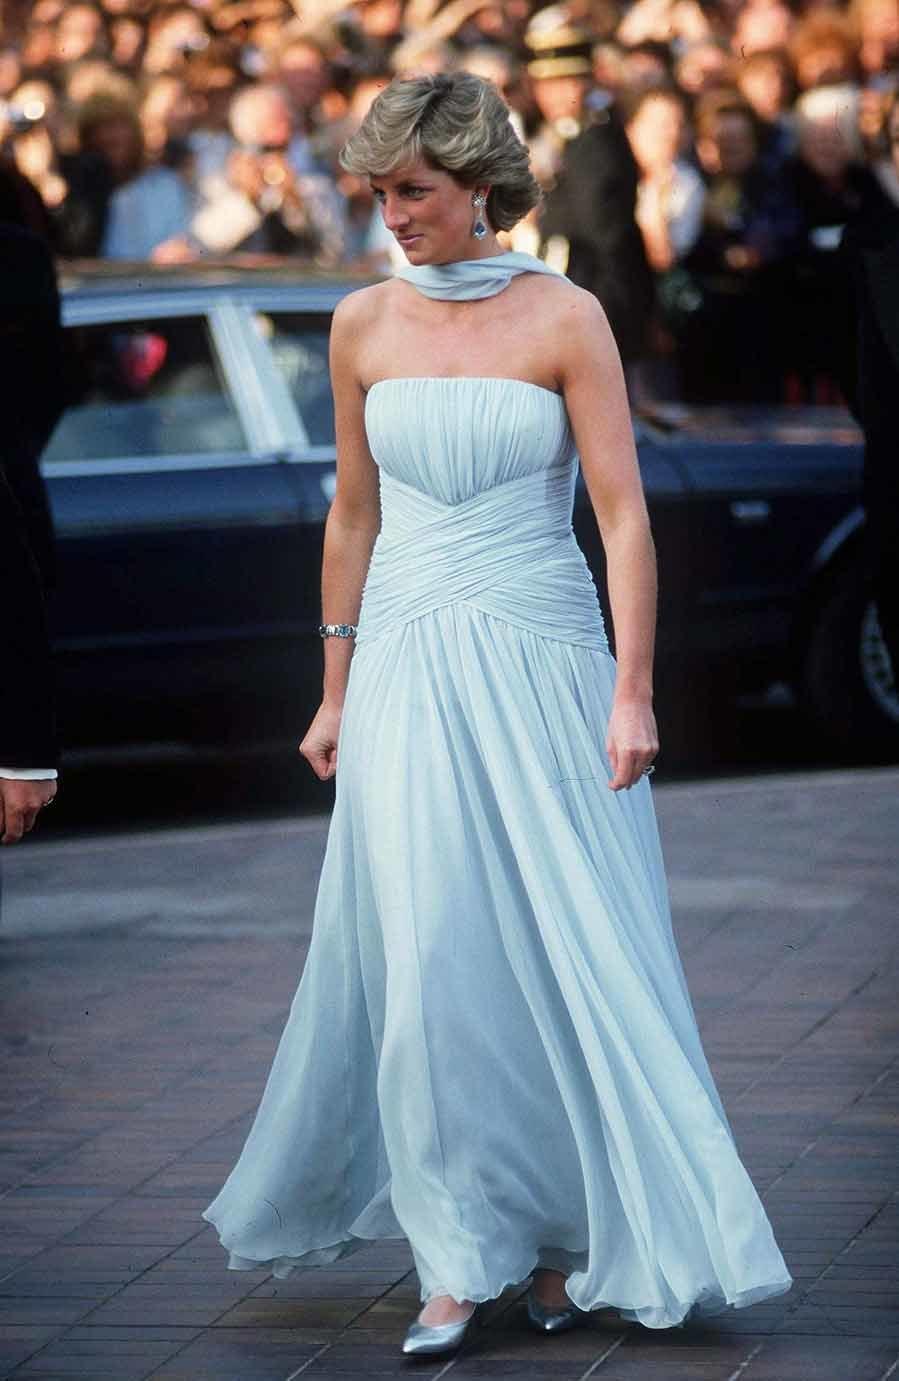 La princesa Diana deslumbró en la alfombra roja de 1987, donde apareció con el príncipe Carlos, con un precioso vestido de seda firmado por <strong>Catherine Walker,</strong> un diseño que se subastó en 2011 por 132.000 dólares.